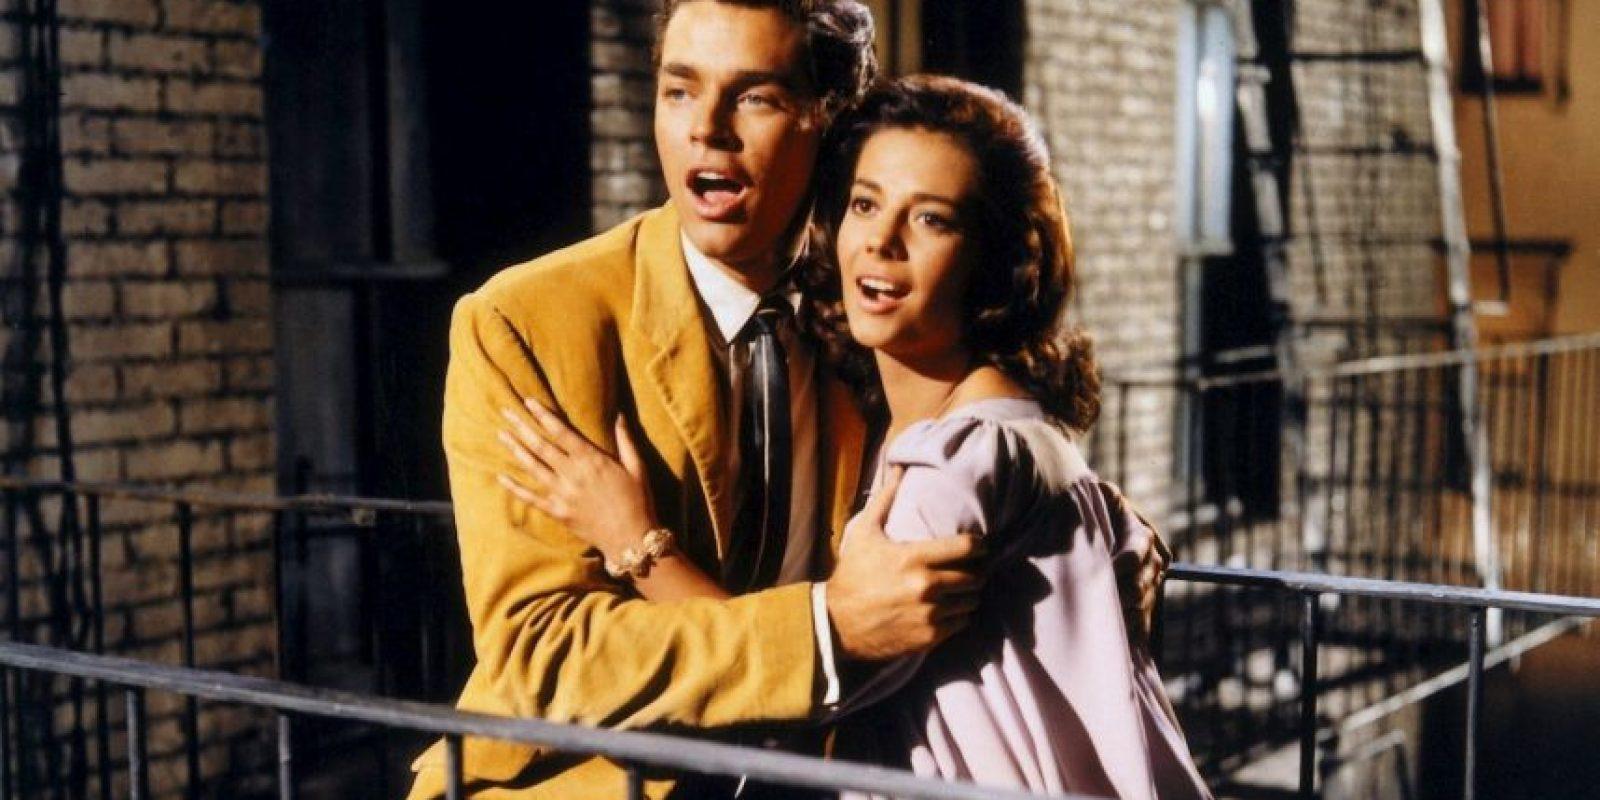 """9 de abril. En la ceremonia número 34 de los Premios Oscar, """"West Side Story"""" gana el premio a Mejor Película. Foto:United Artists"""